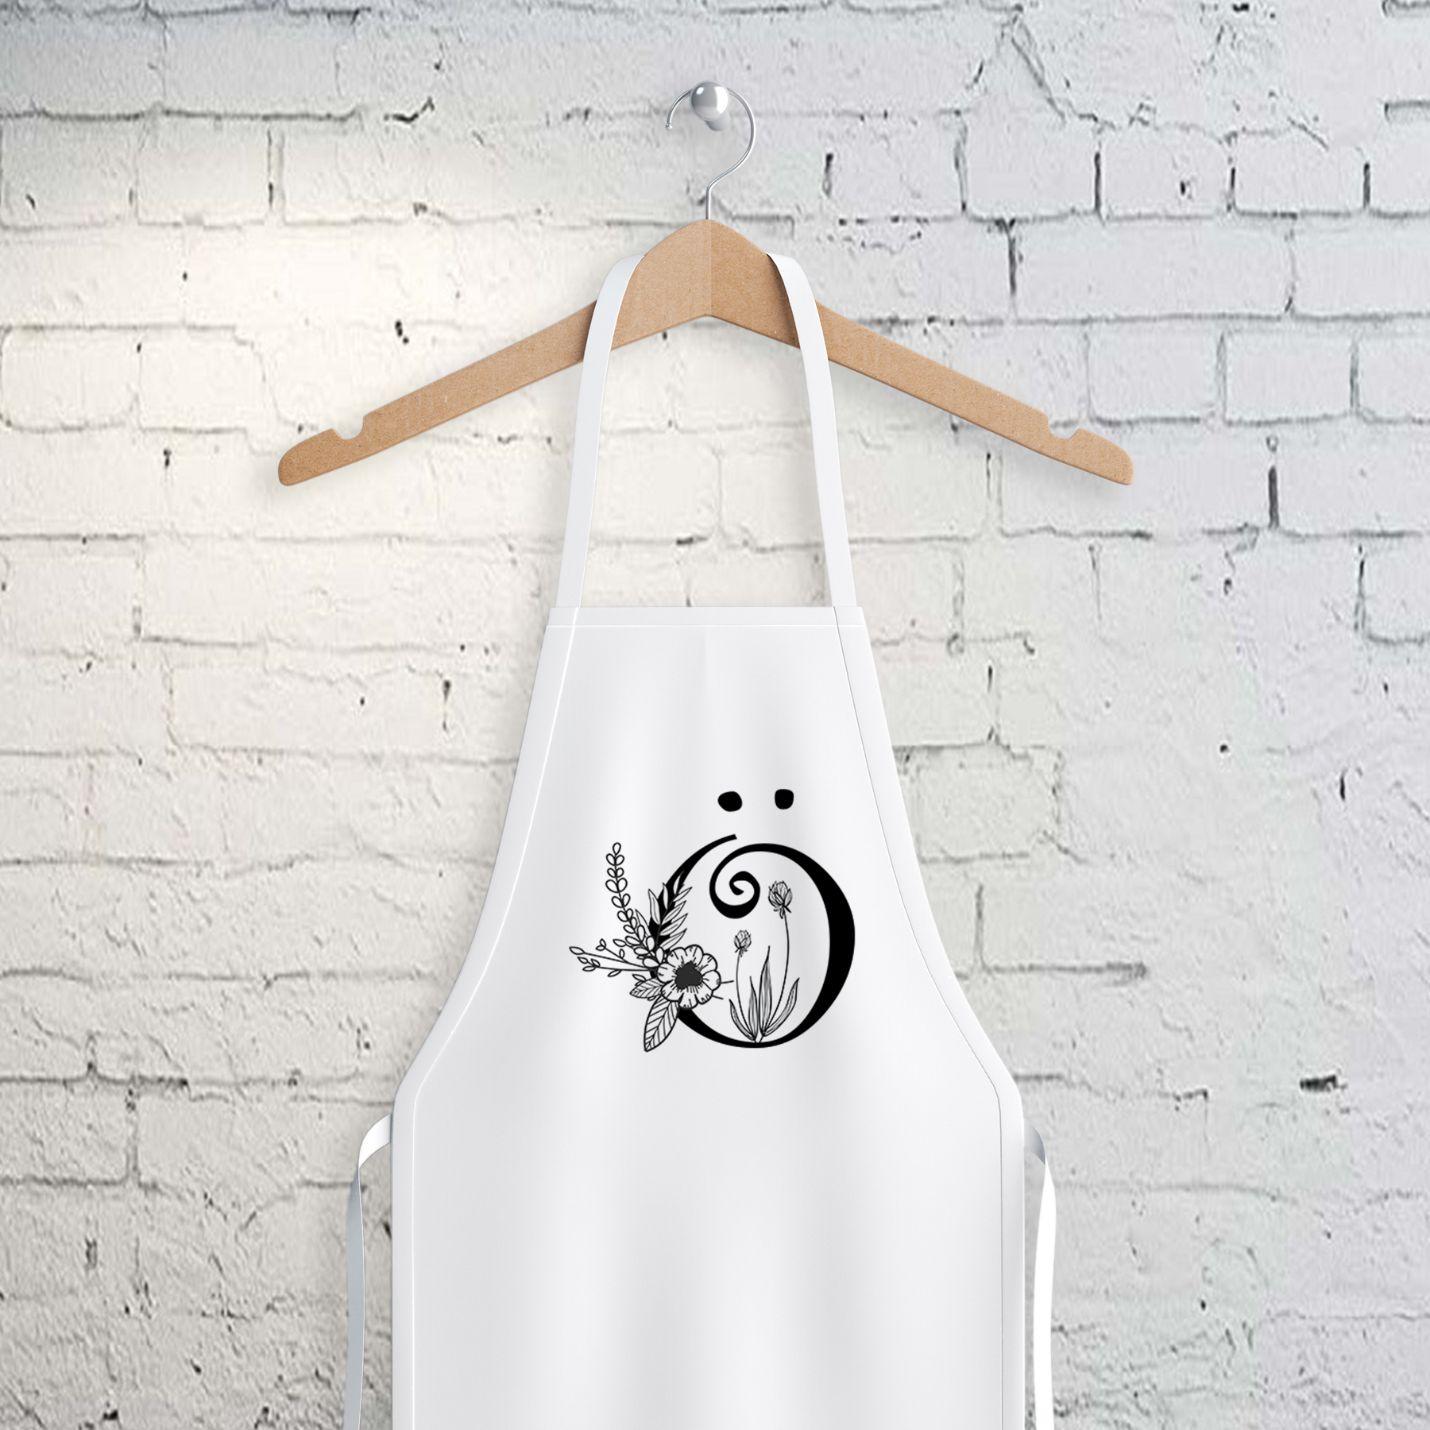 Ö Harfi Tasarımlı Mutfak Önlüğü